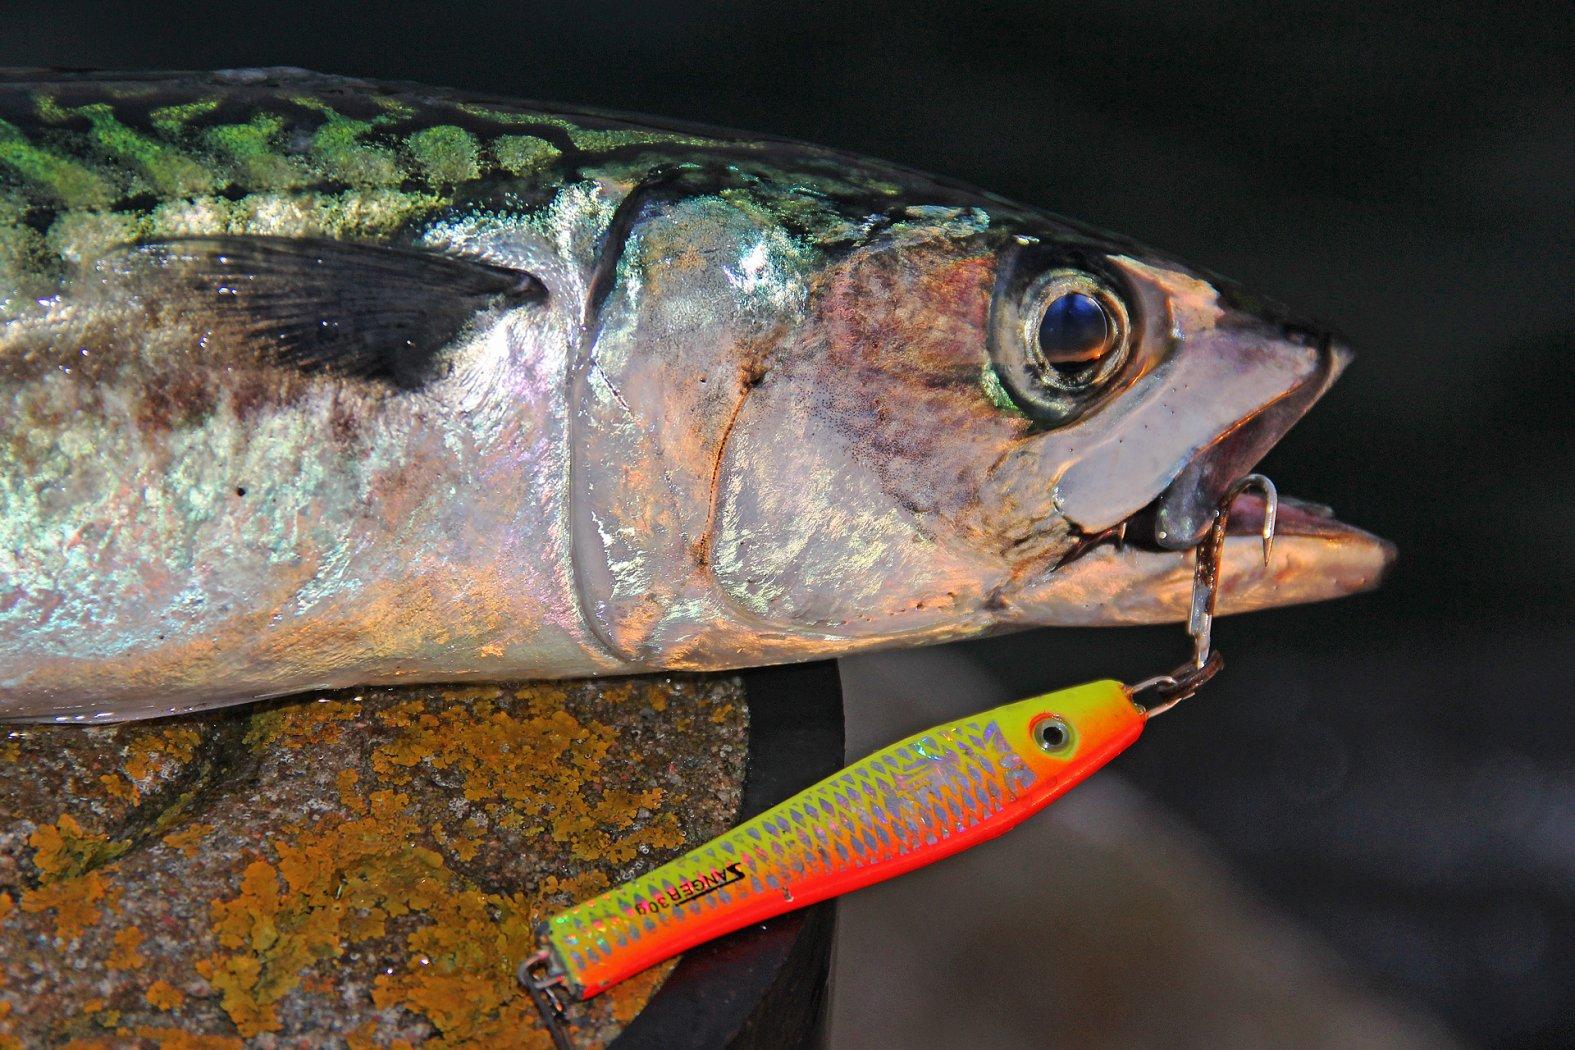 Makrelenangeln mit Pilker